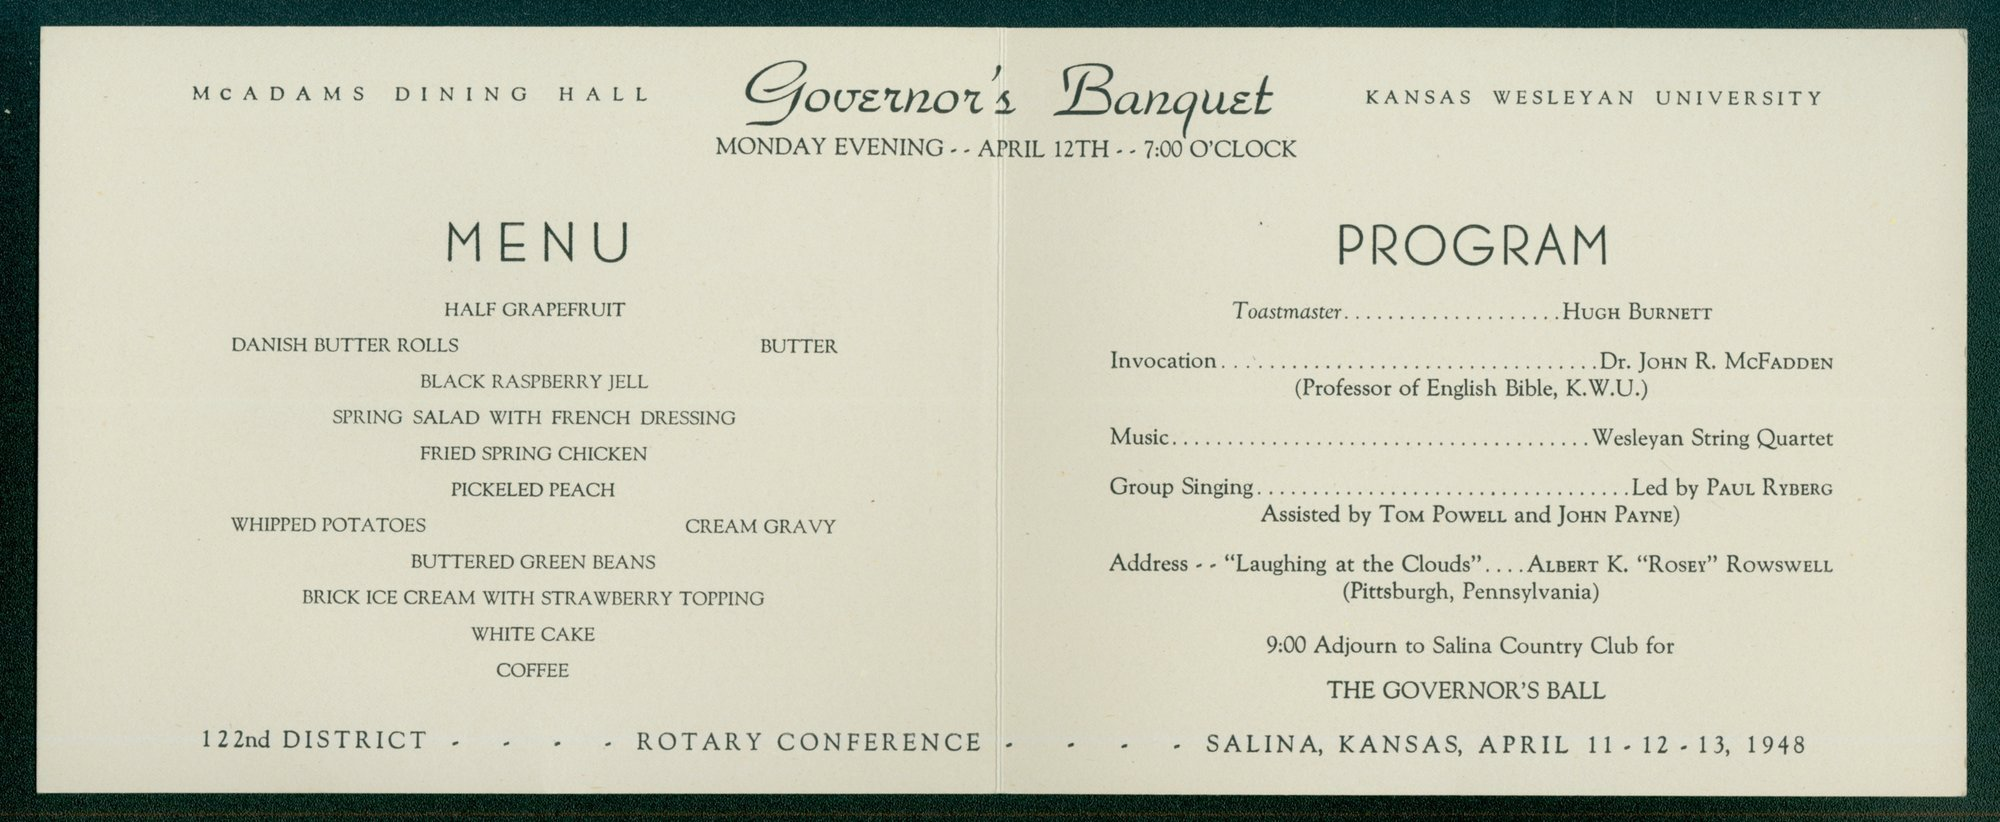 Rotary International governor's banquet program - 2